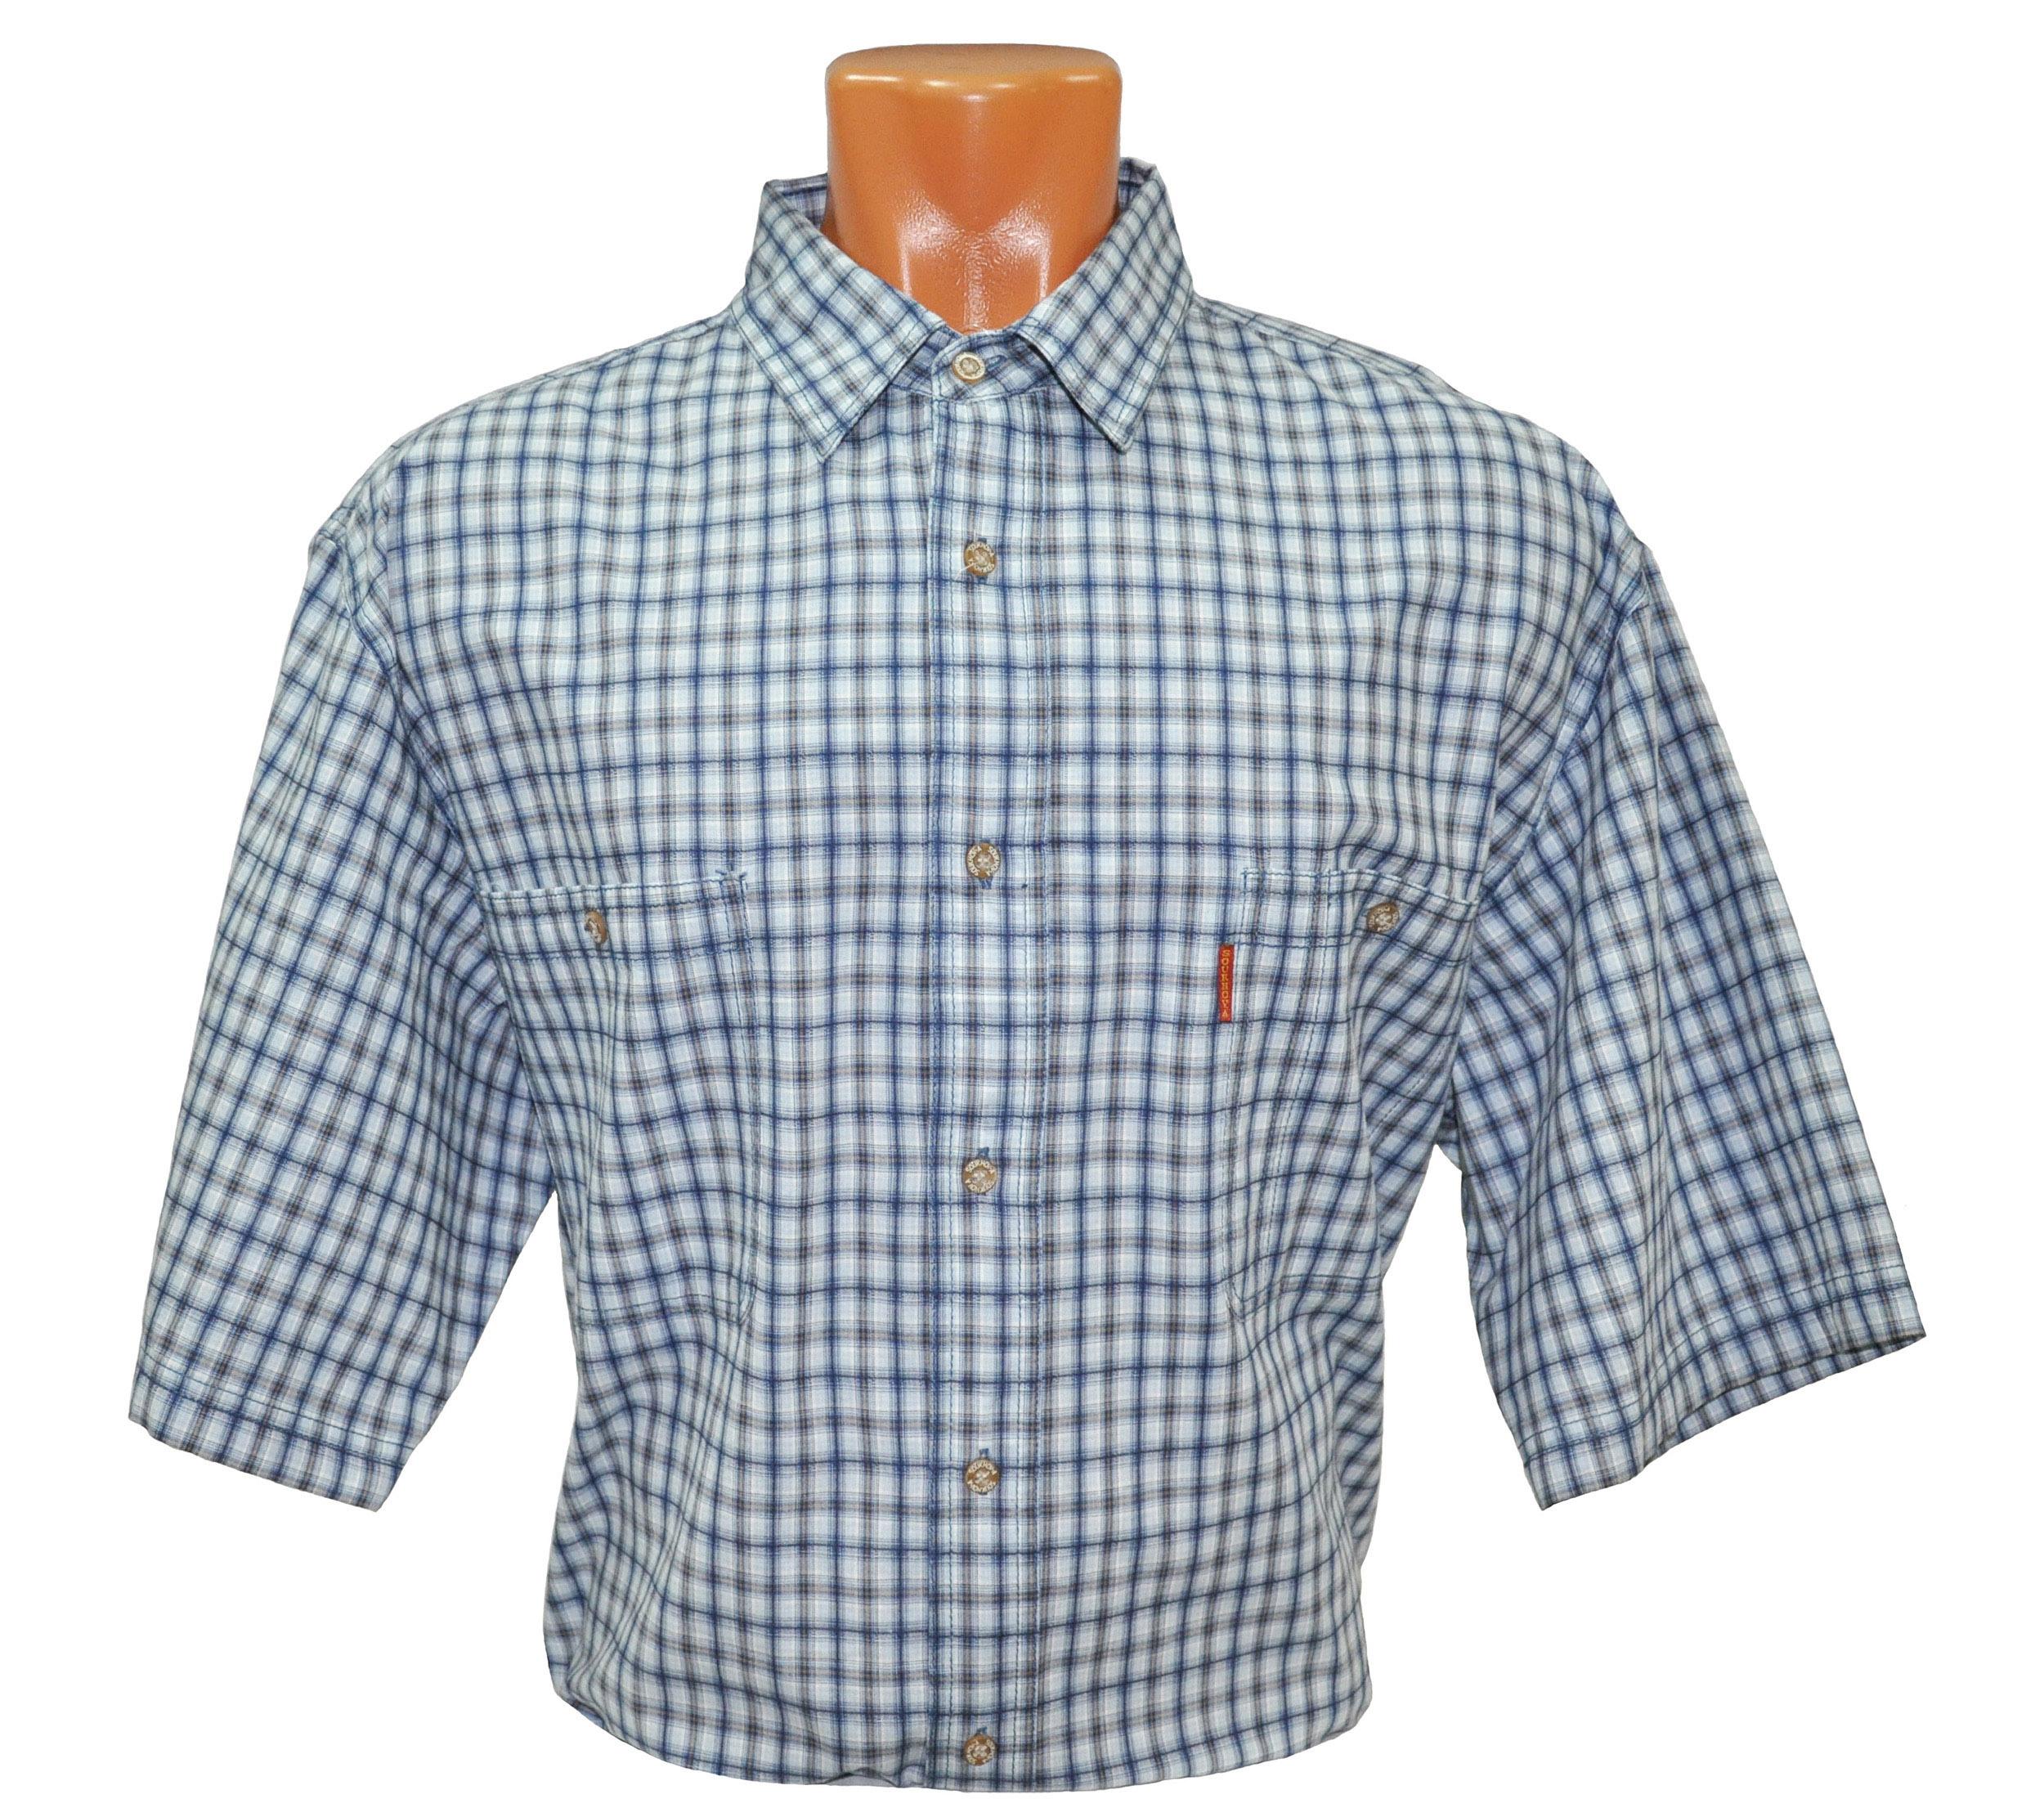 Рубашка с коротким рукавом мелкая сине-серая клетка. Модель